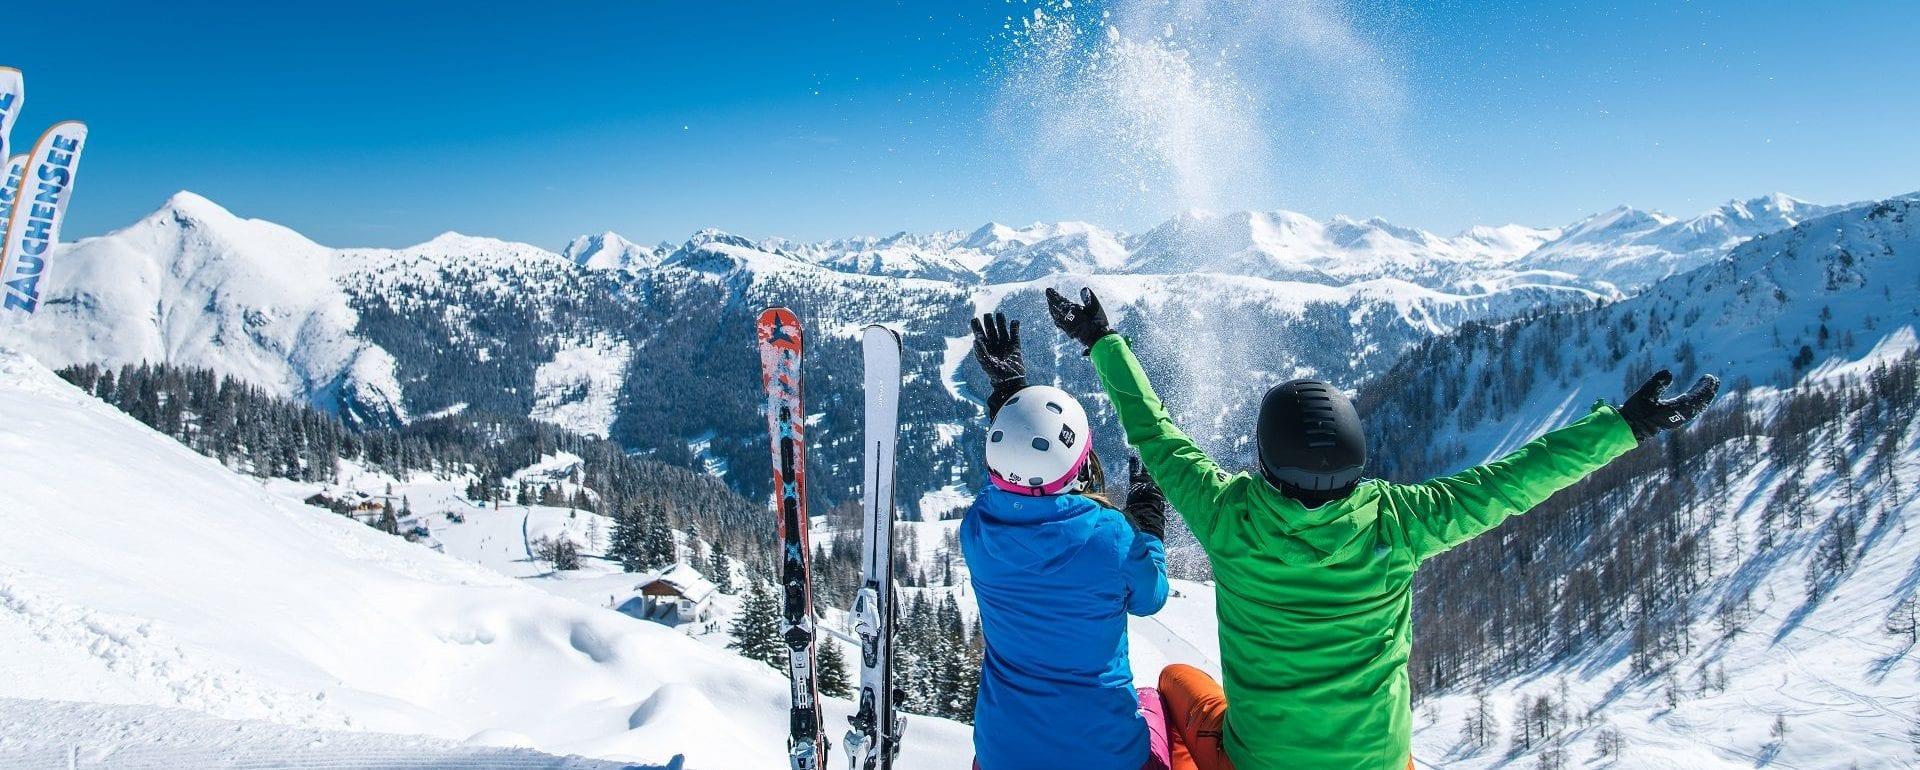 Ski Pausschalen für den Winterurlaub in Altenmarkt/Zauchensee